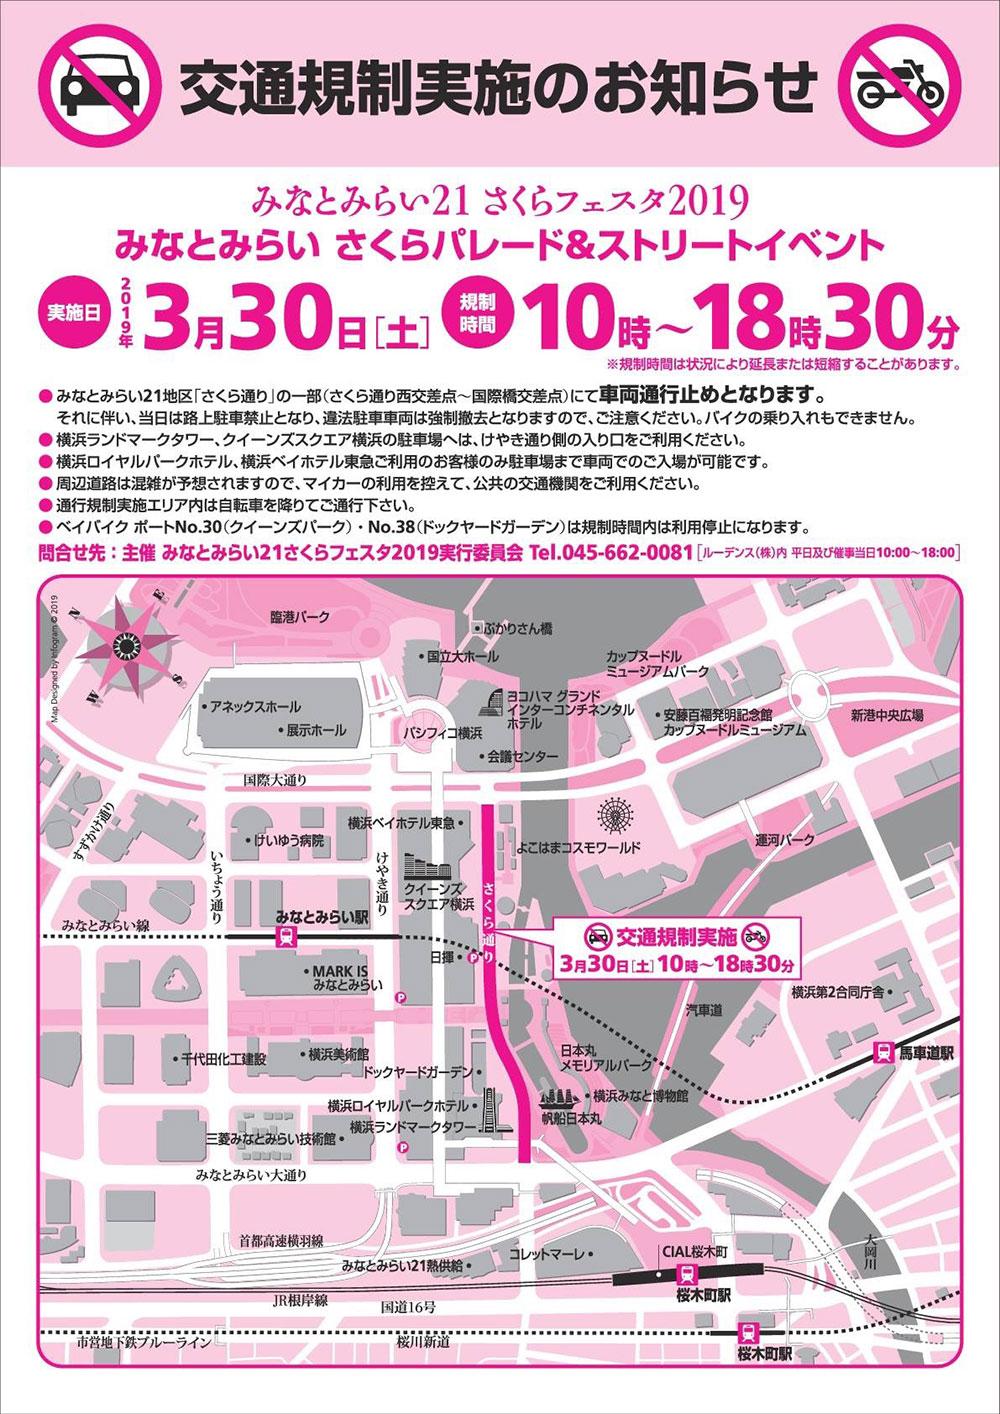 3月30日みなとみらい「さくら通り」の交通規制・車両通行止め実施時間と場所